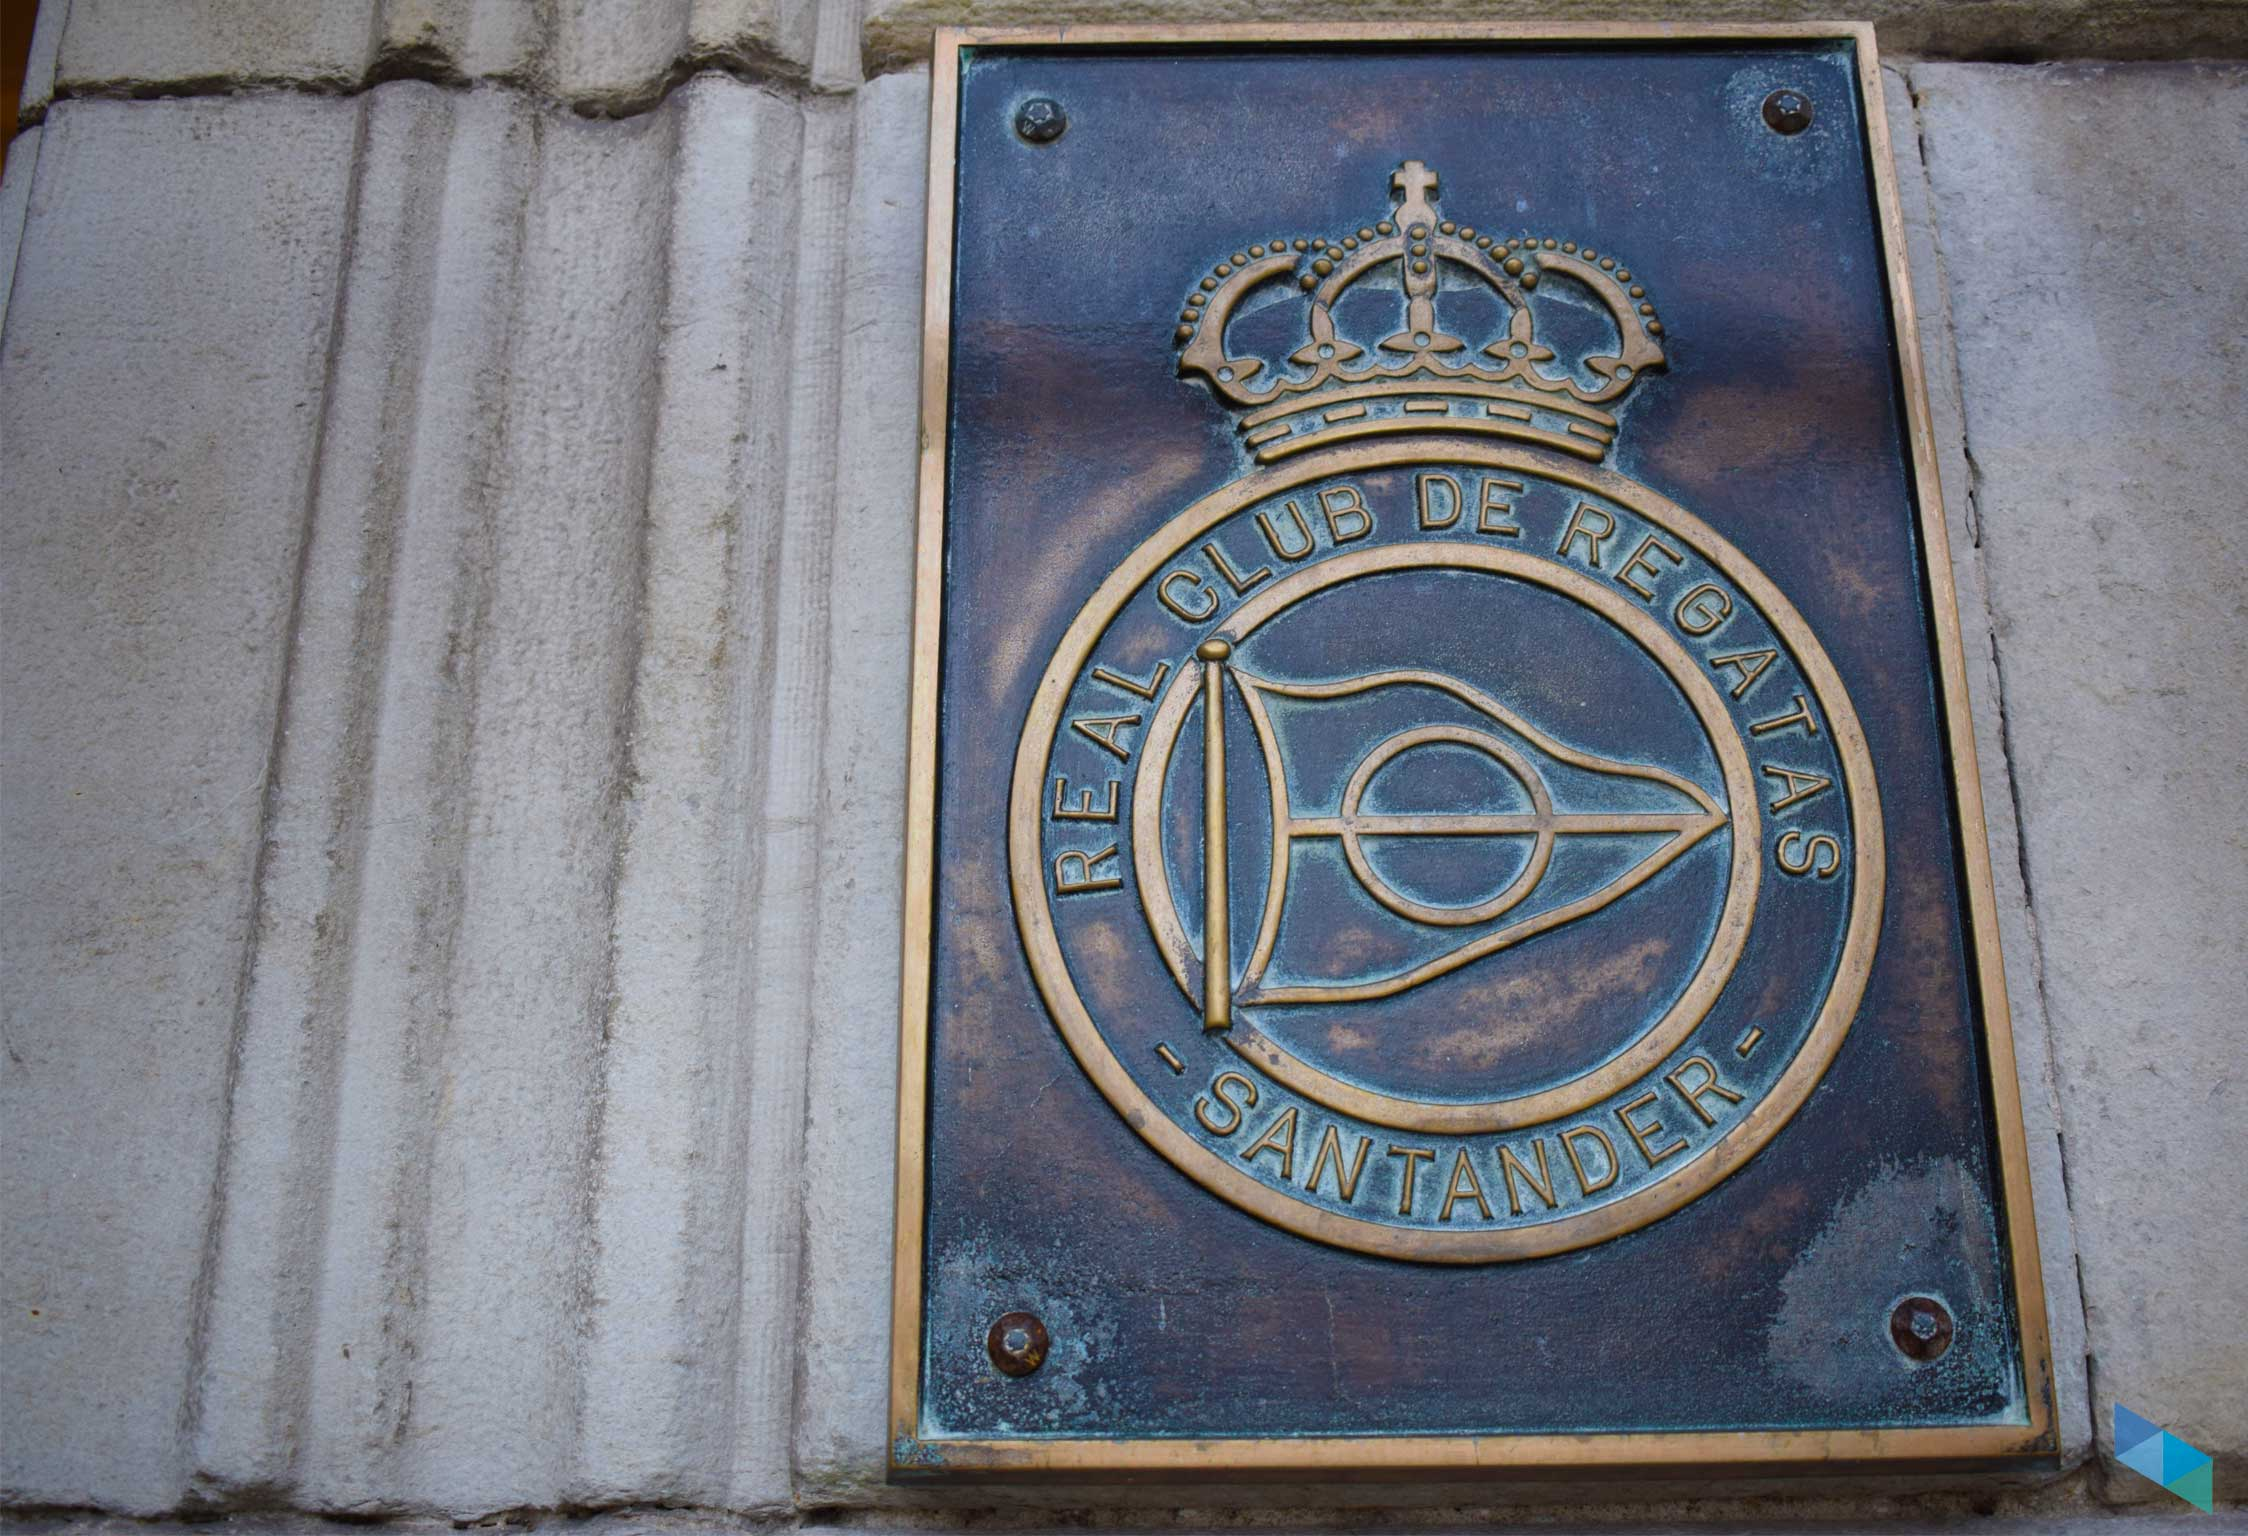 Club de Regatas de Santander